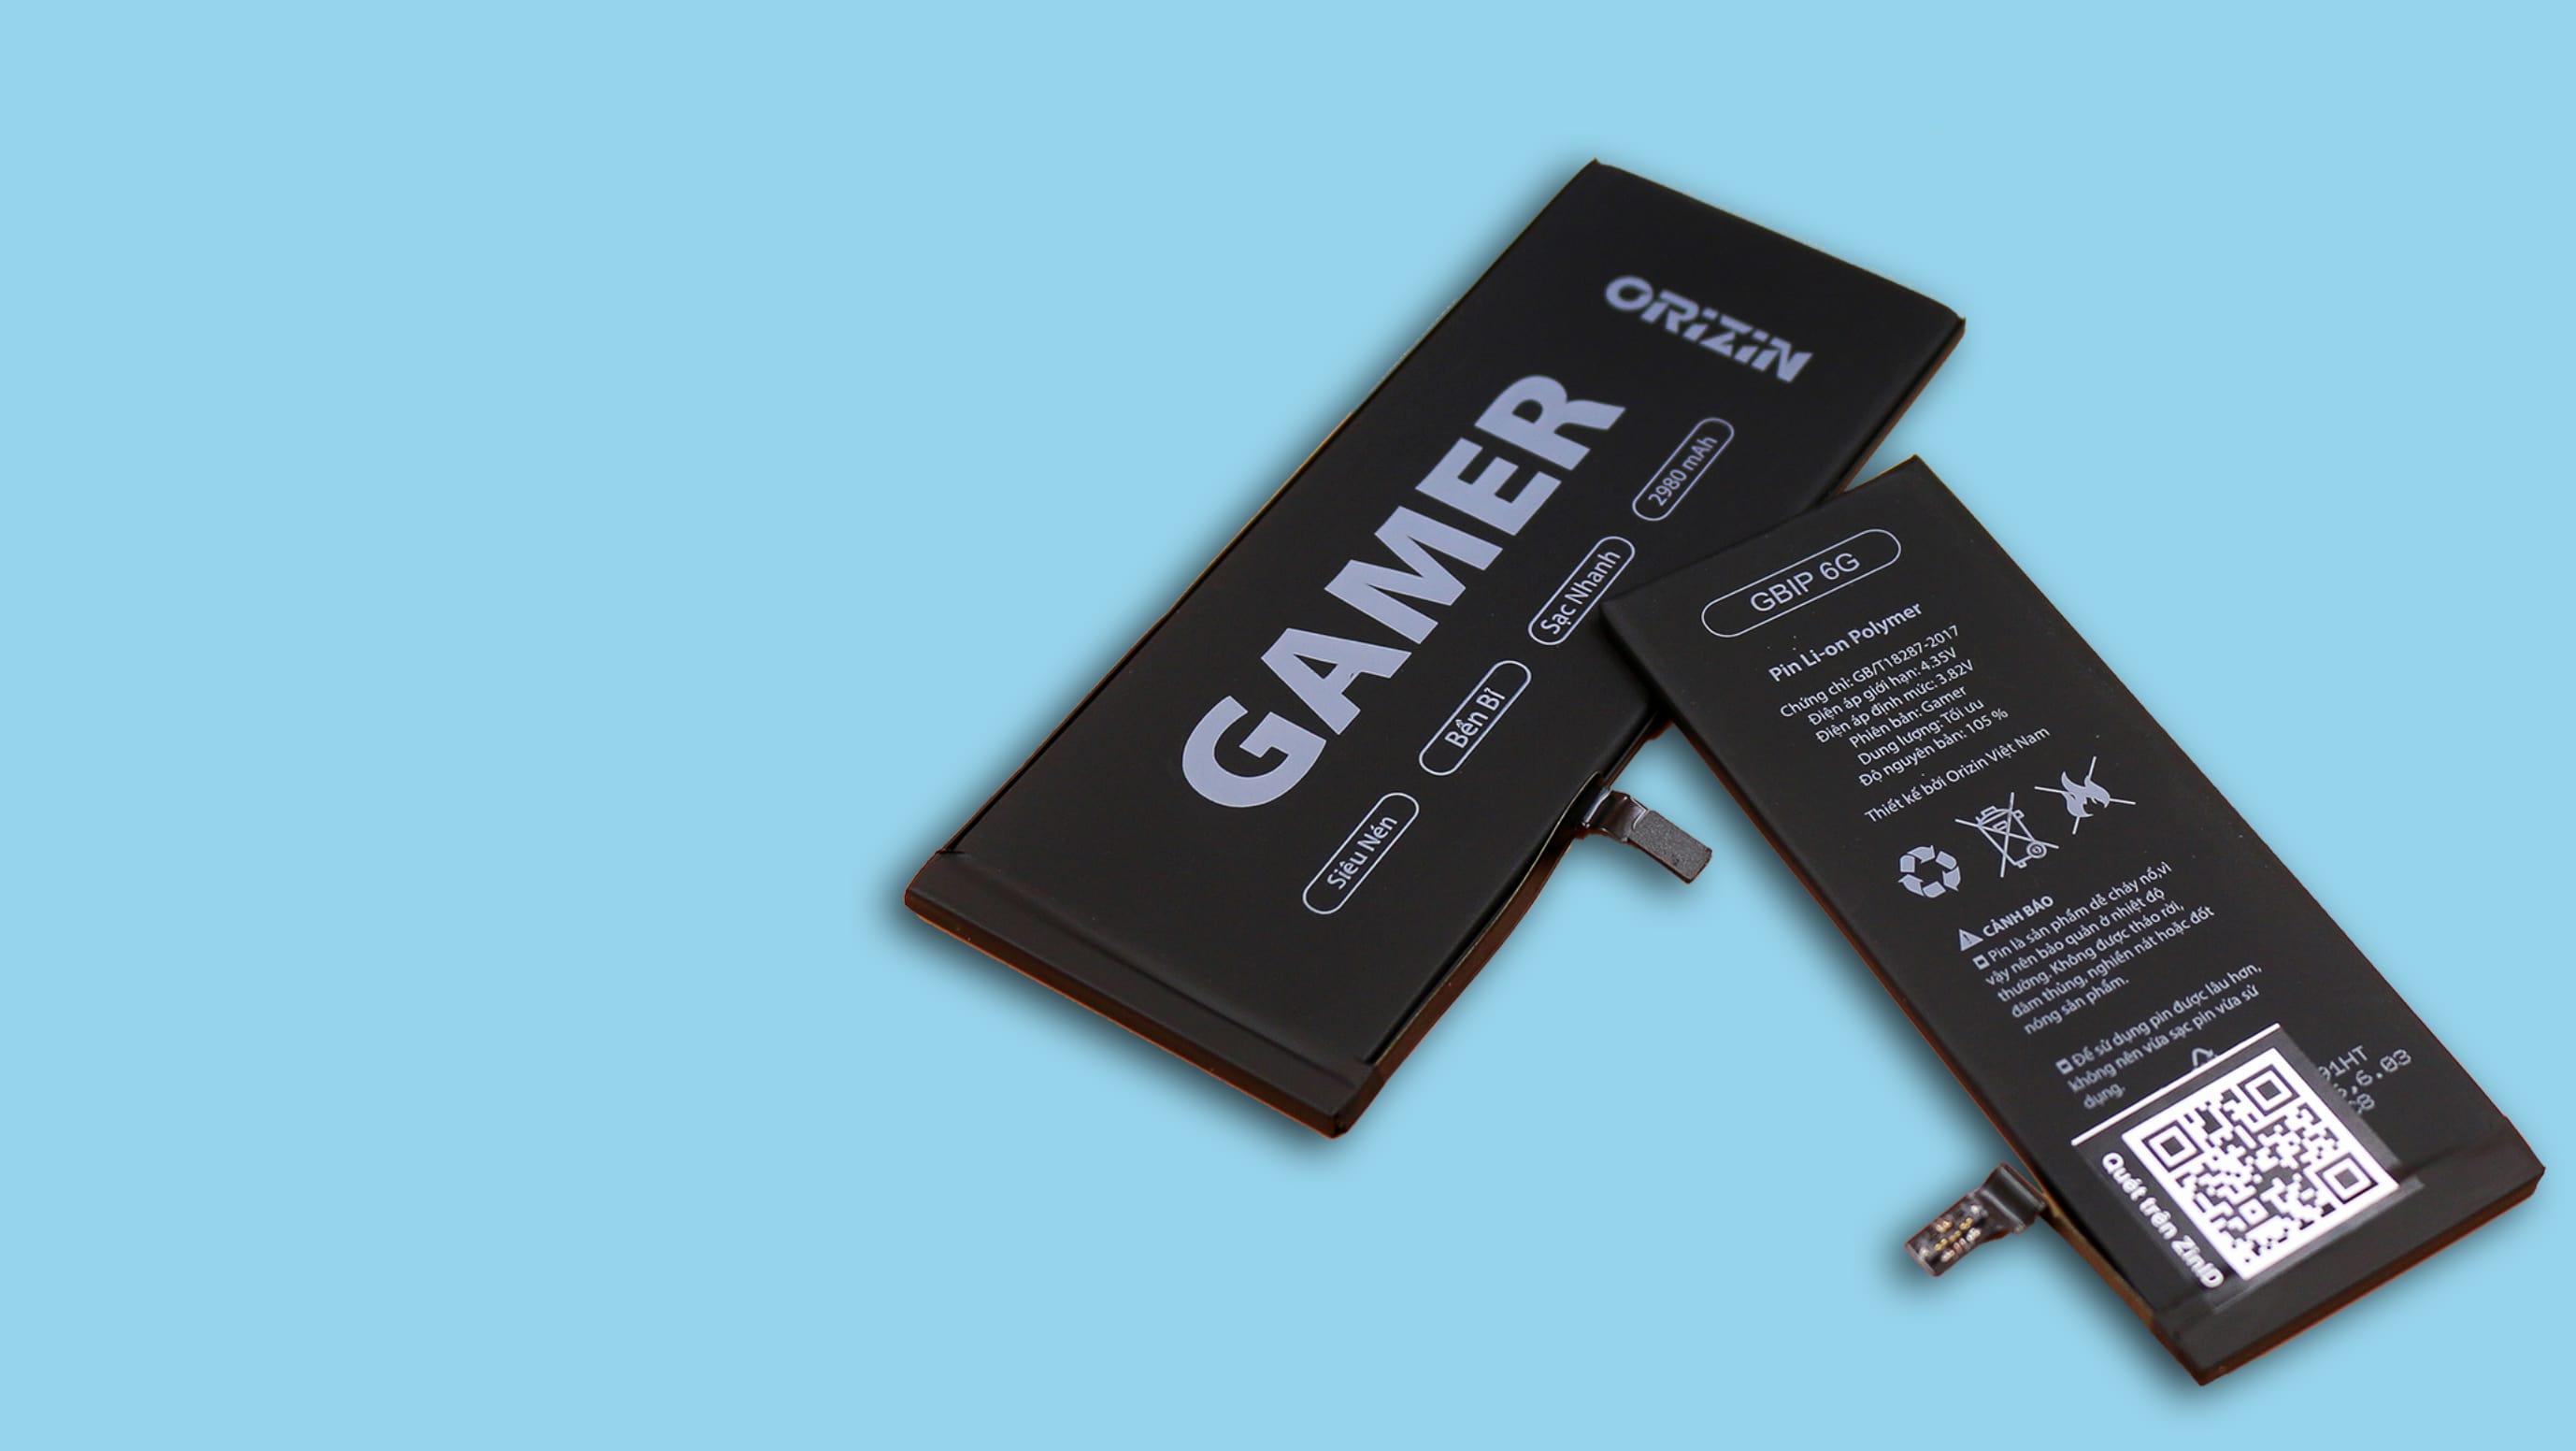 Tại sao bạn nên chọn pin Iphone phiên bản Gamer của Orizin Việt Nam